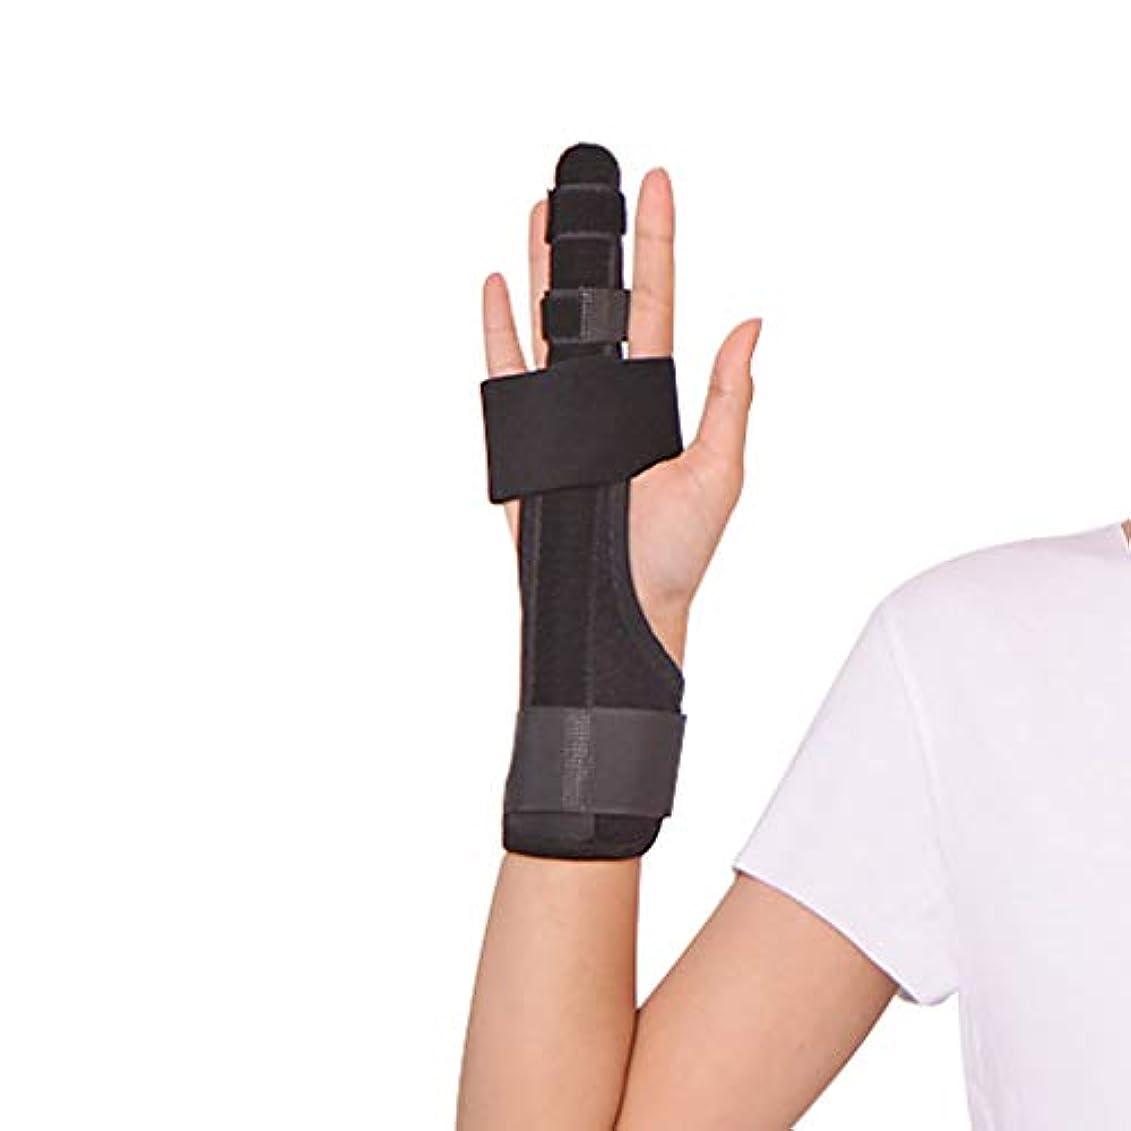 やがて悪の光景指の添え木中指の手首の手首のけがの回復添え木の分離器手の矯正器手根管関節の痛みの救済矯正器 - あらゆる年齢の女性,L